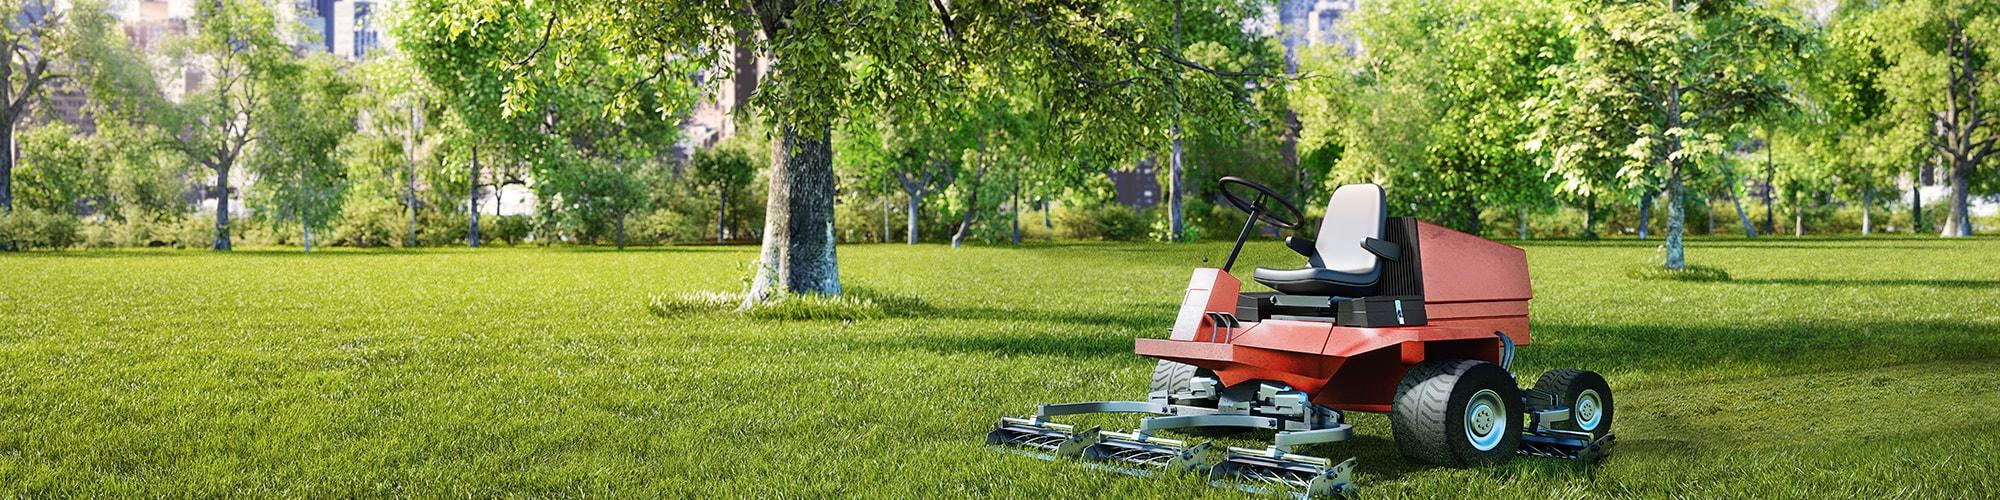 Garten- und Landschaftsbaumaschinen